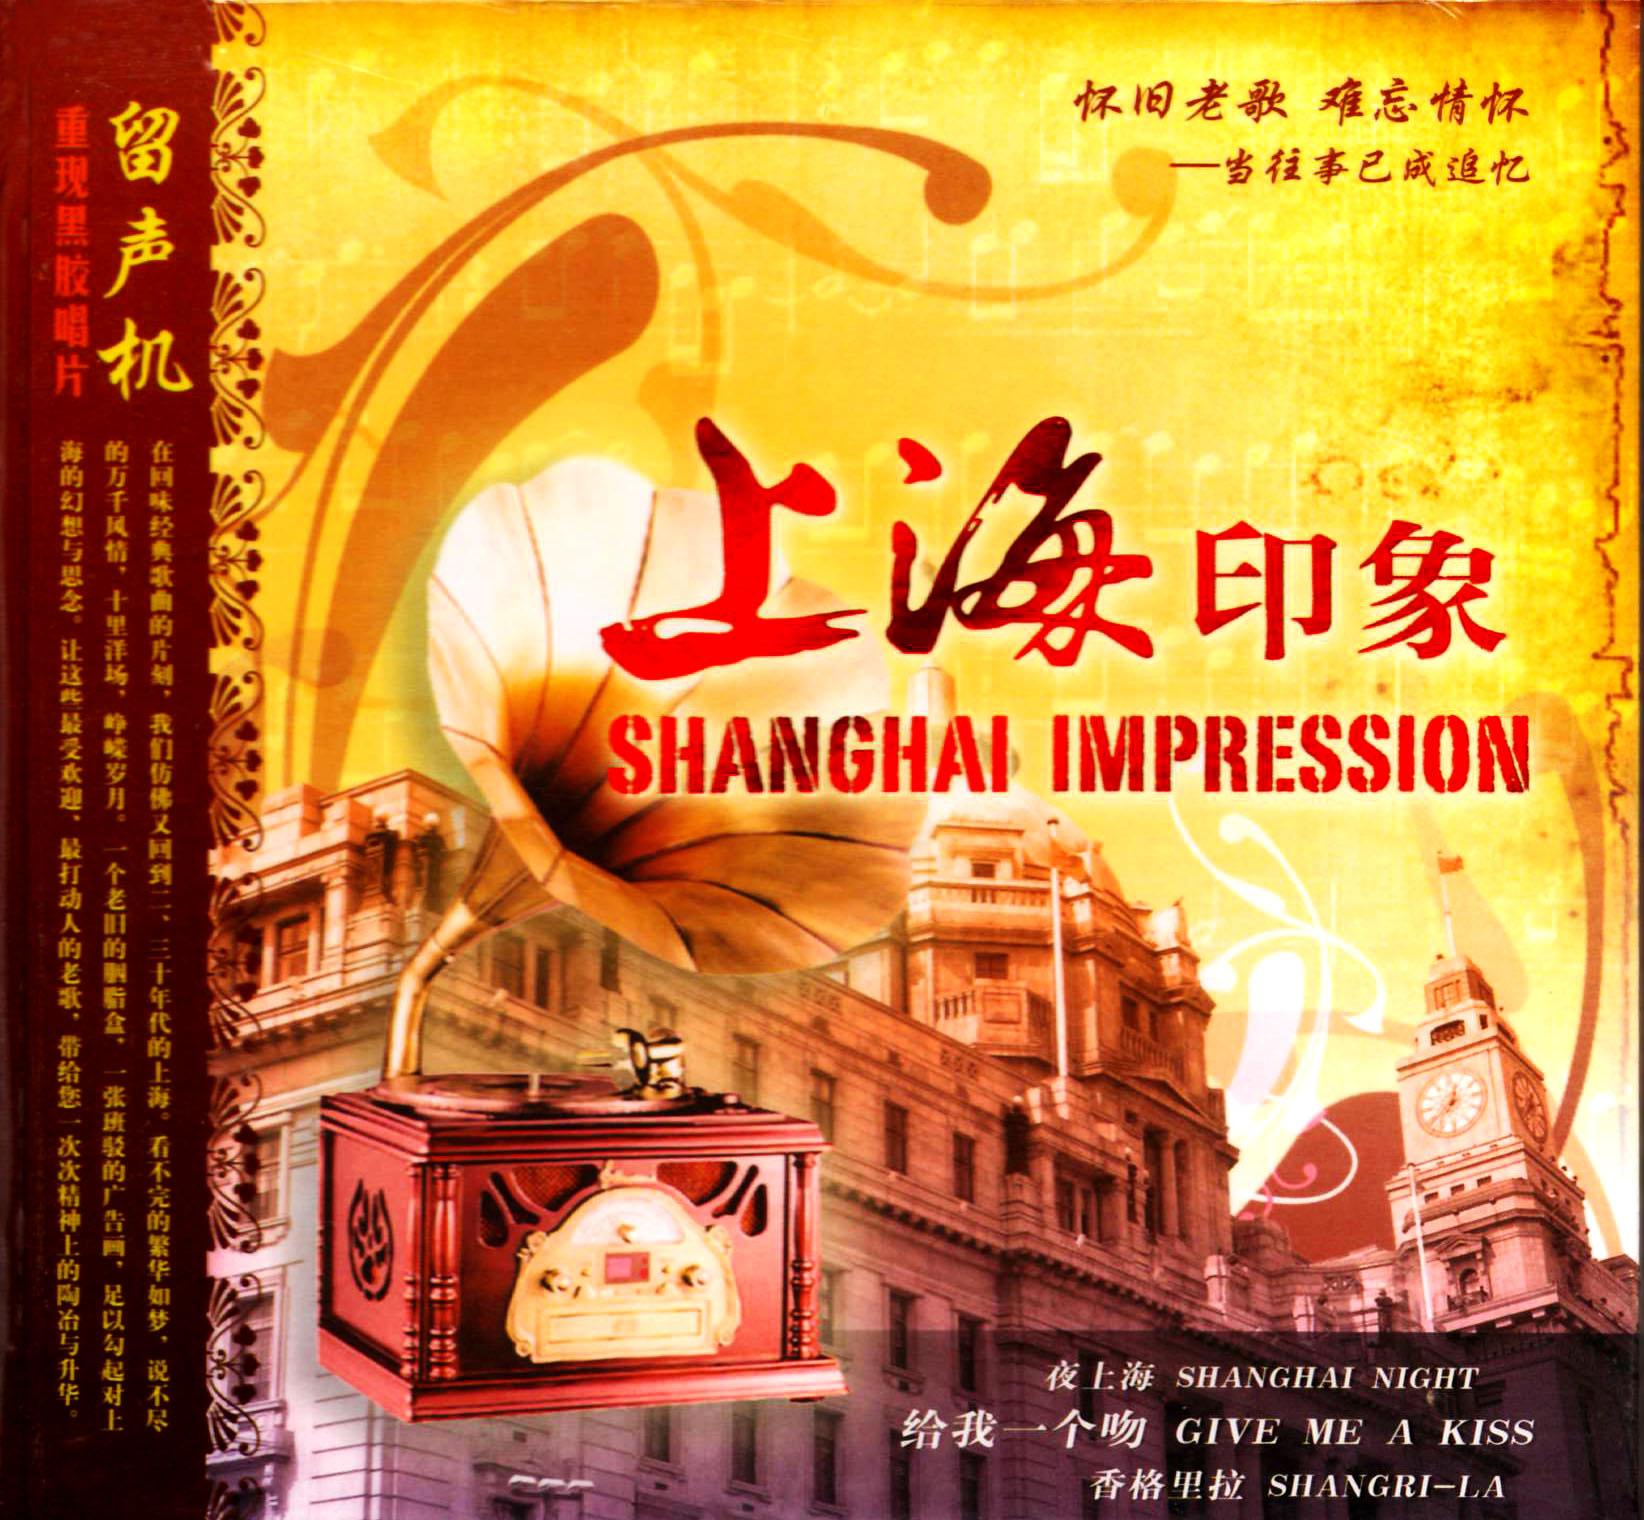 上海印象图片